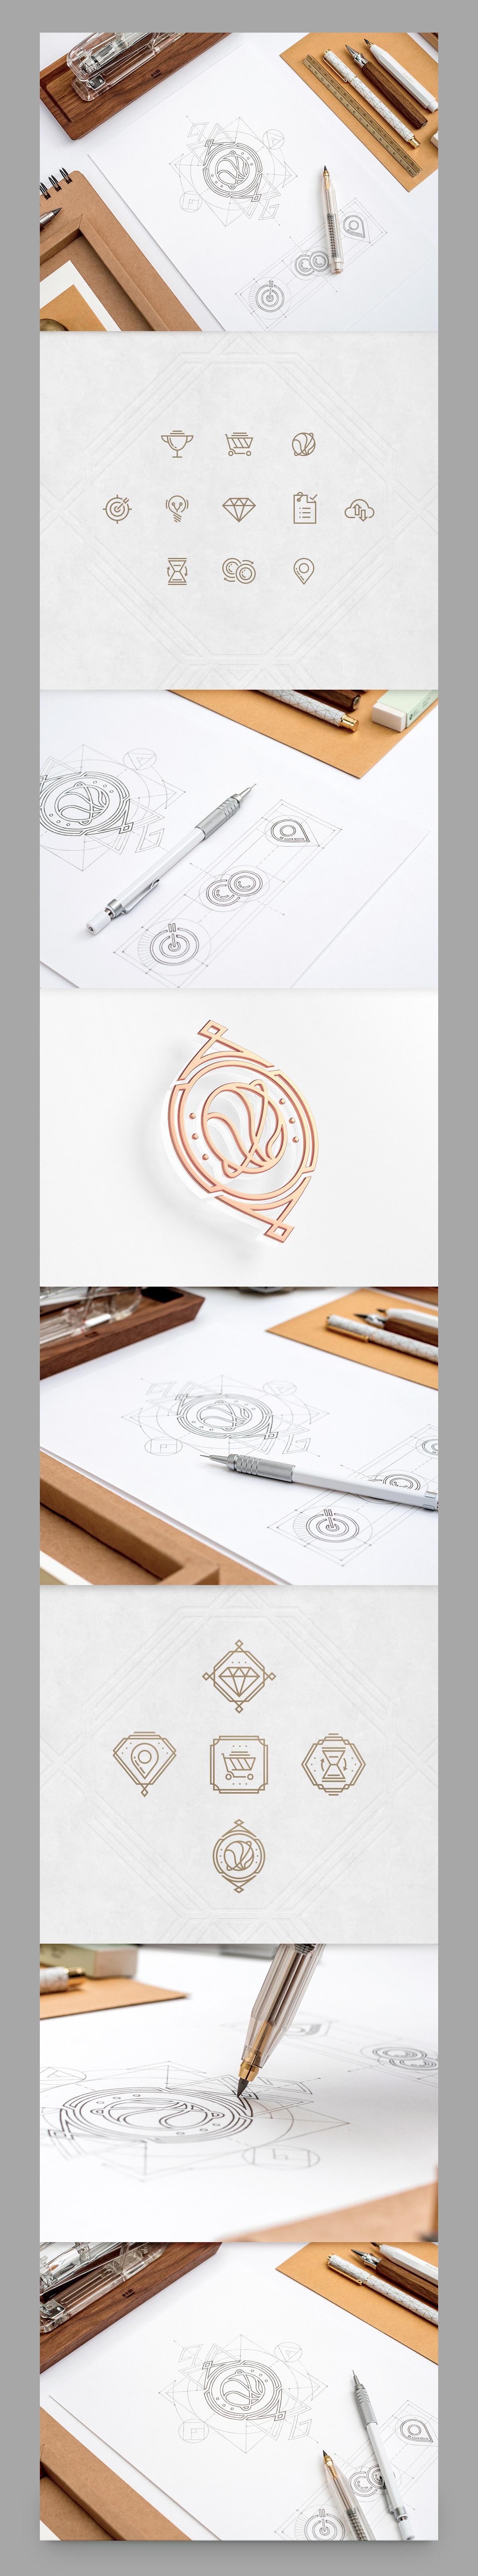 paper art deco concept sketch flat icon set 3D UI